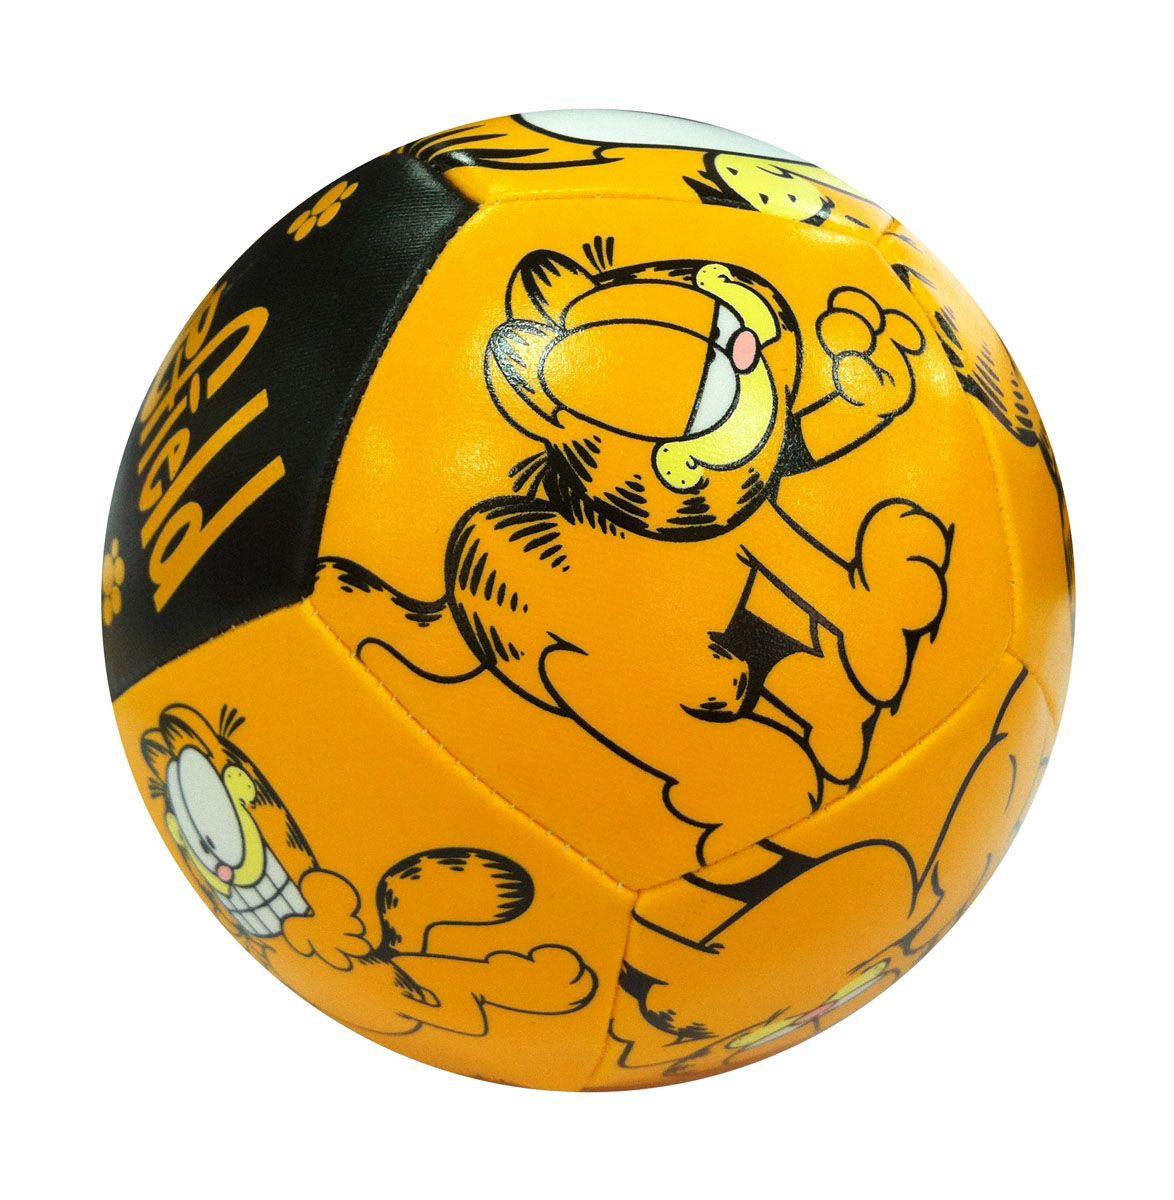 Детские мячи и прыгуны John мягкий 10 см john мяч минни 10 см